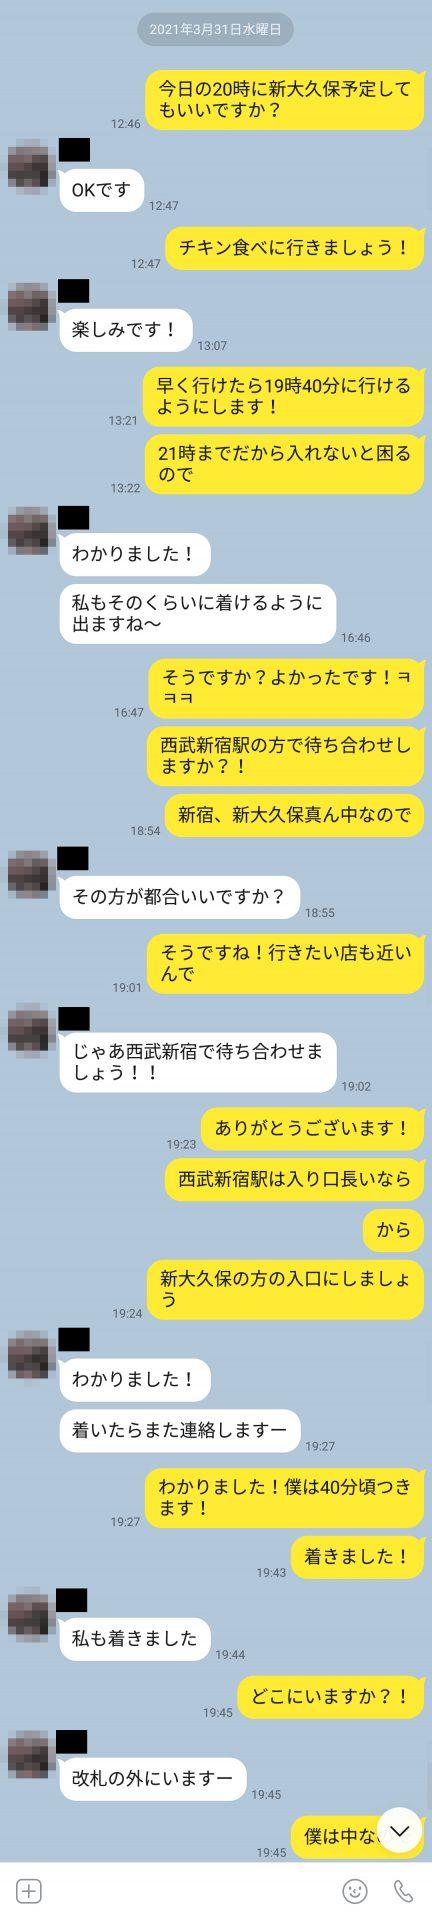 21_ol_pcmaxカカオ全文_03